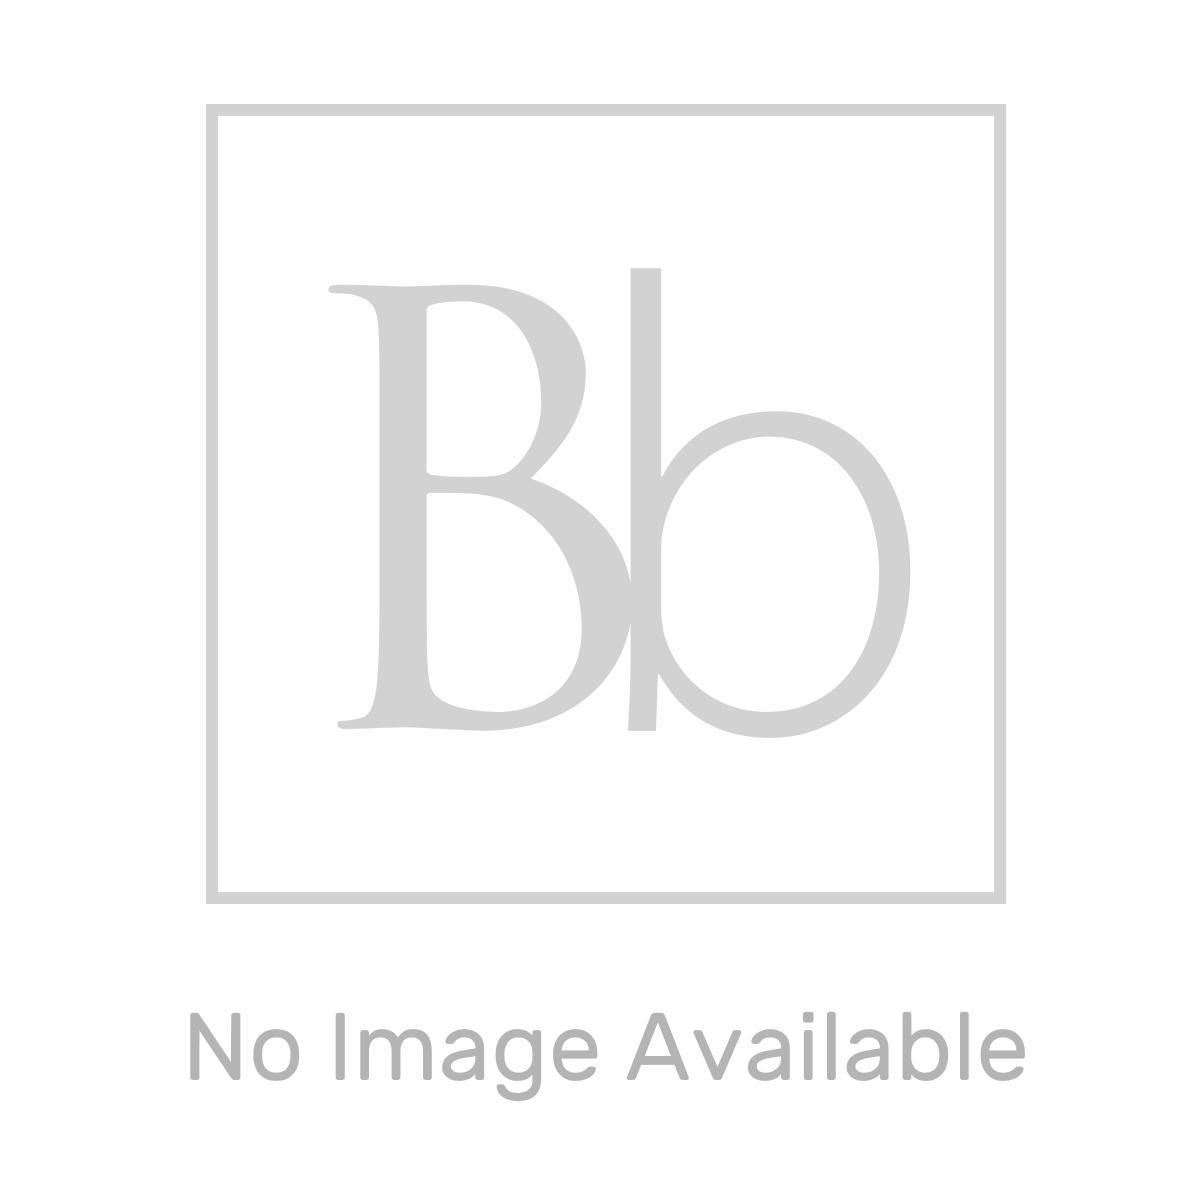 RAK Surface Outdoor Cool Grey Matt Tile 600 x 600mm